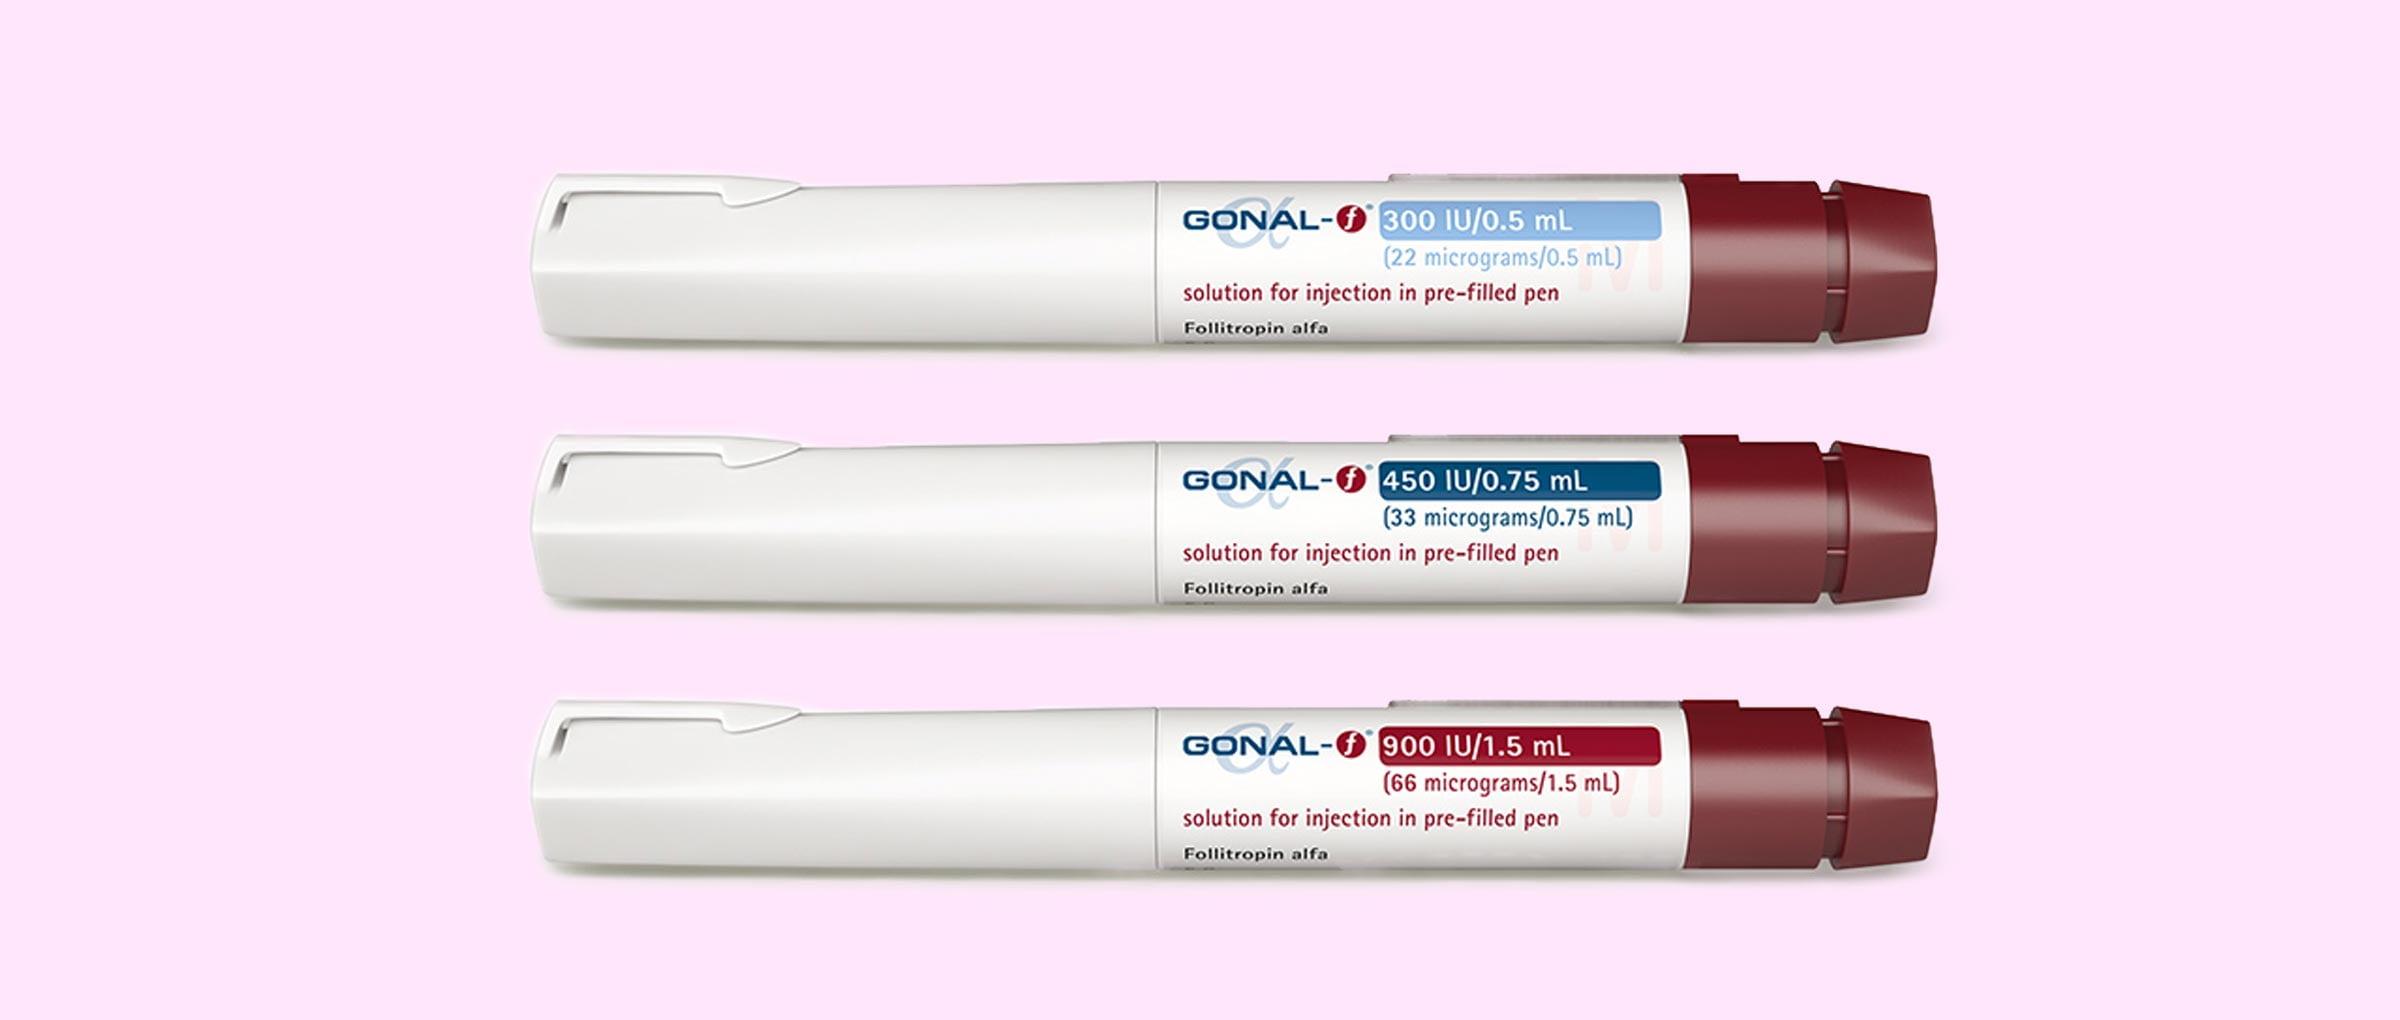 Gonal-f in pen format